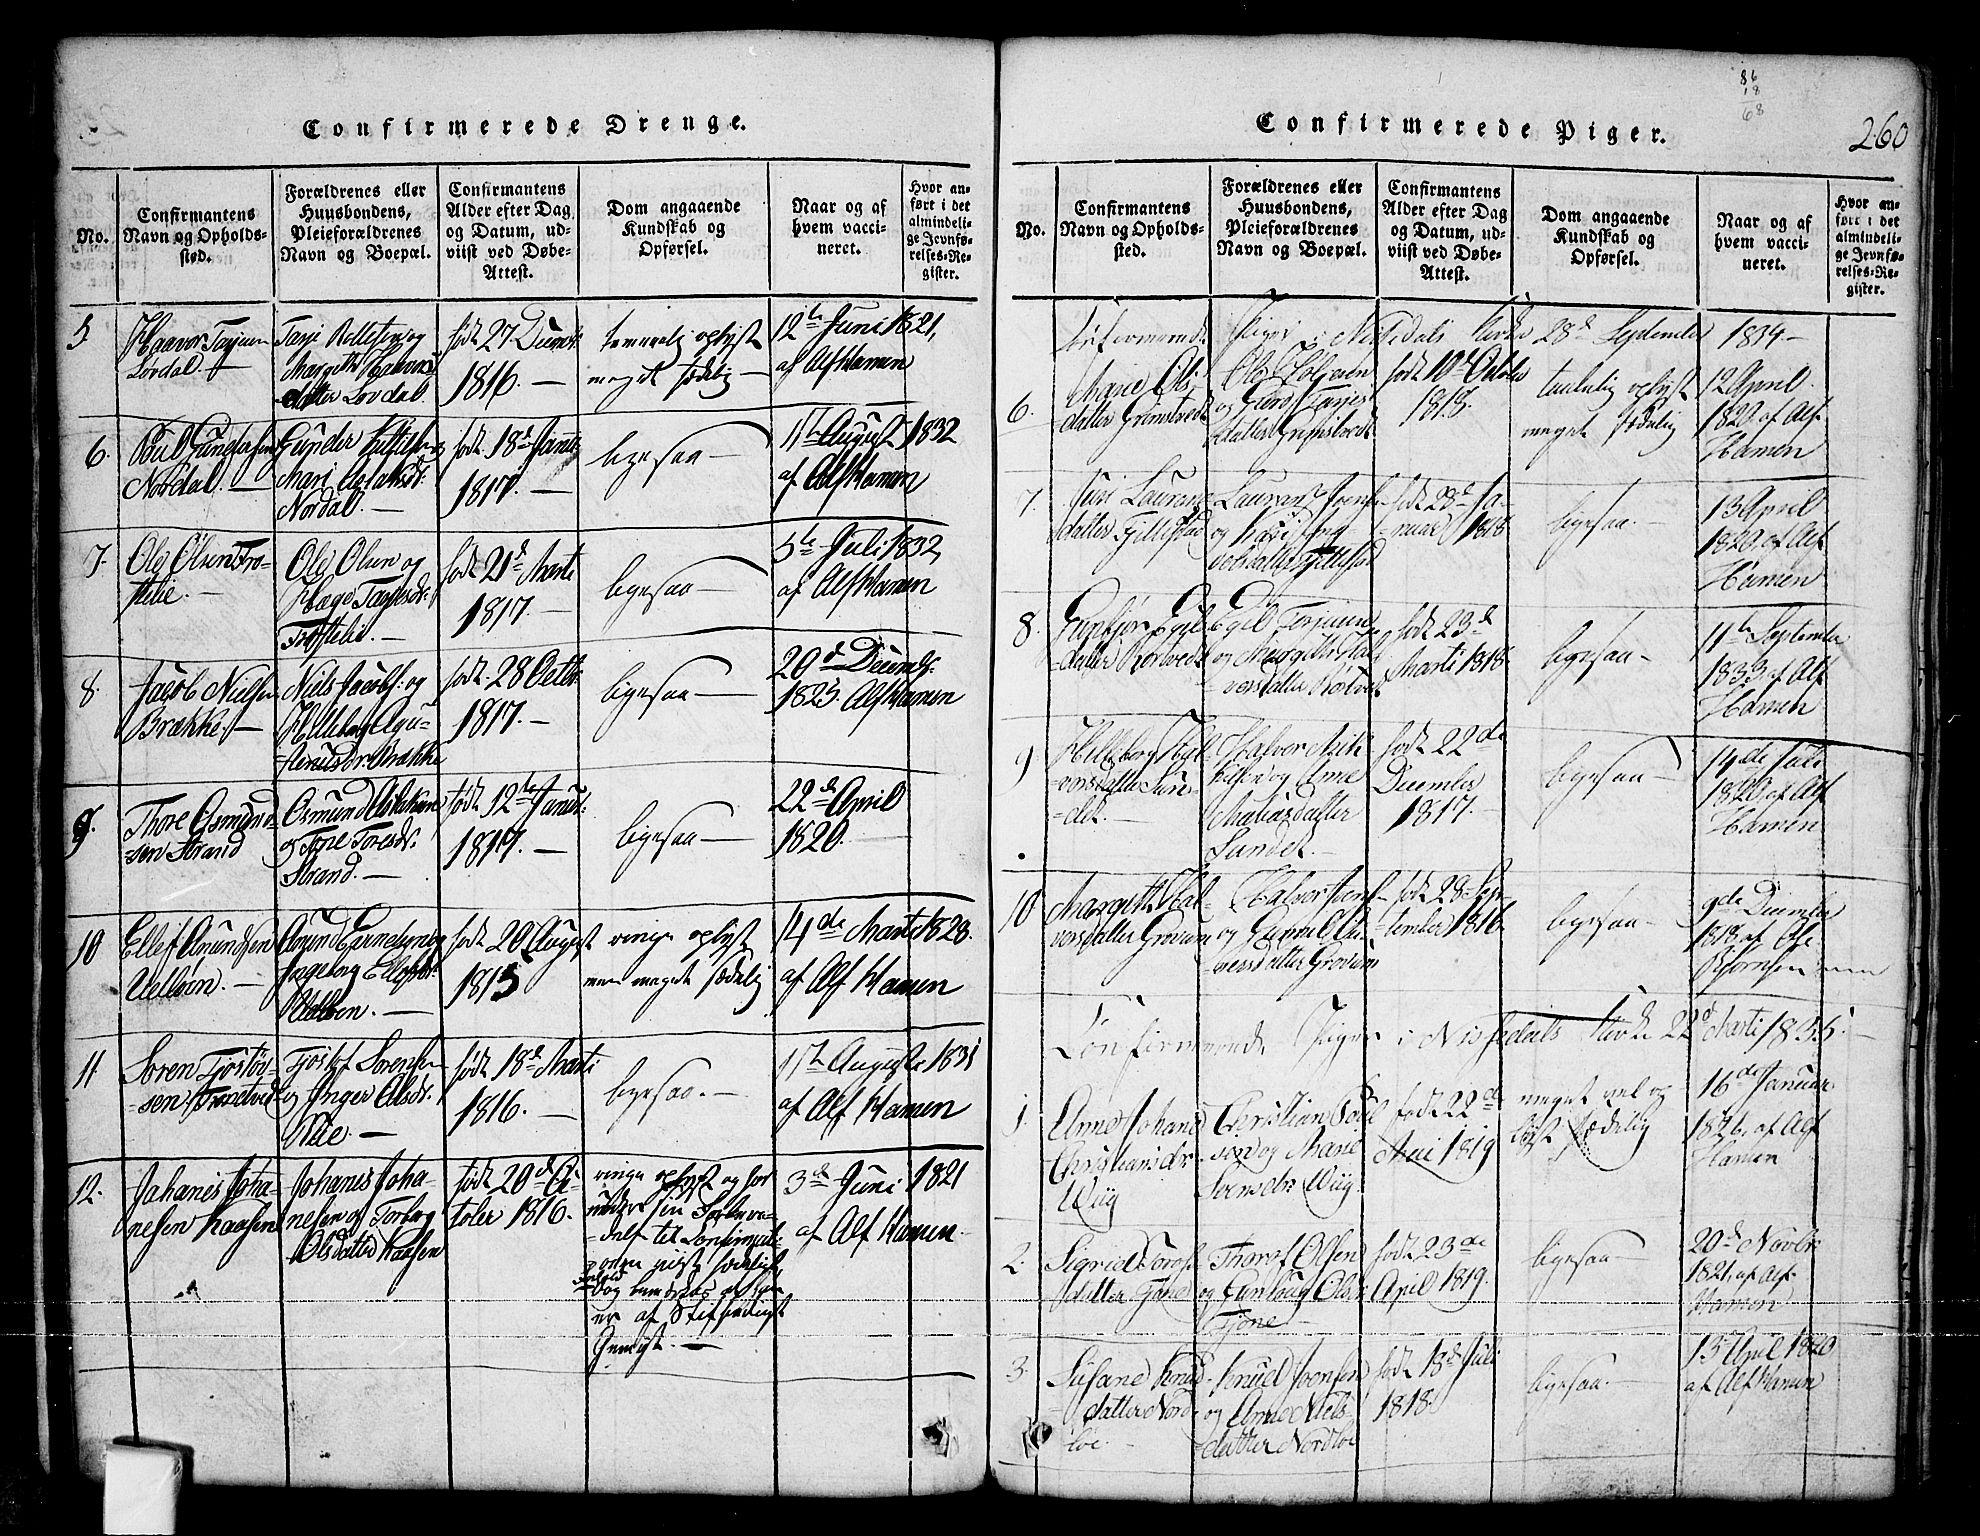 SAKO, Nissedal kirkebøker, G/Ga/L0001: Klokkerbok nr. I 1, 1814-1860, s. 260